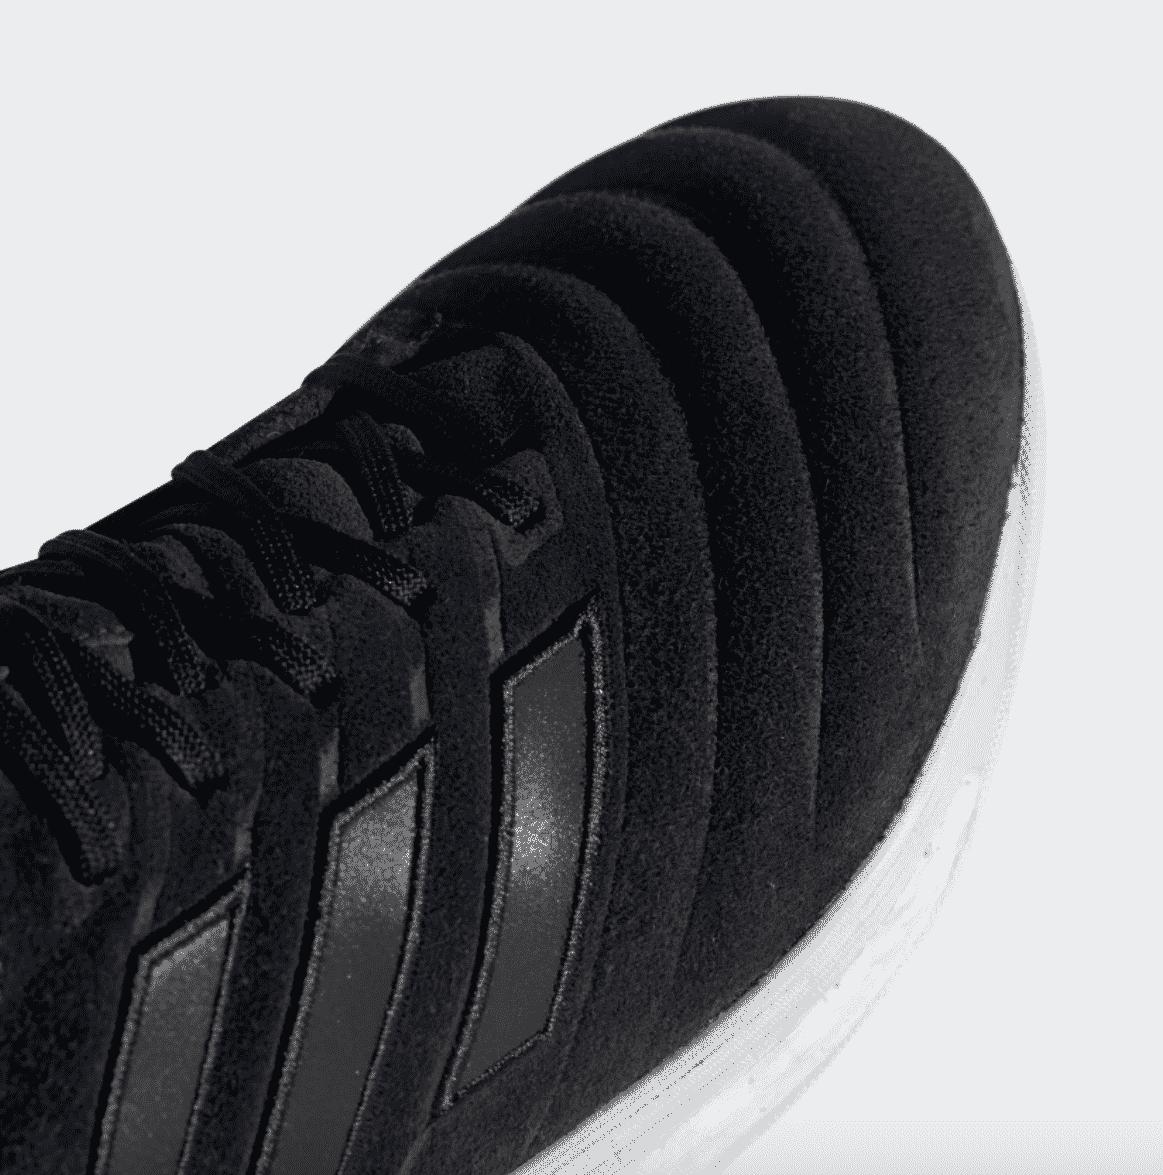 adidas-copa-19-tango-noir-3